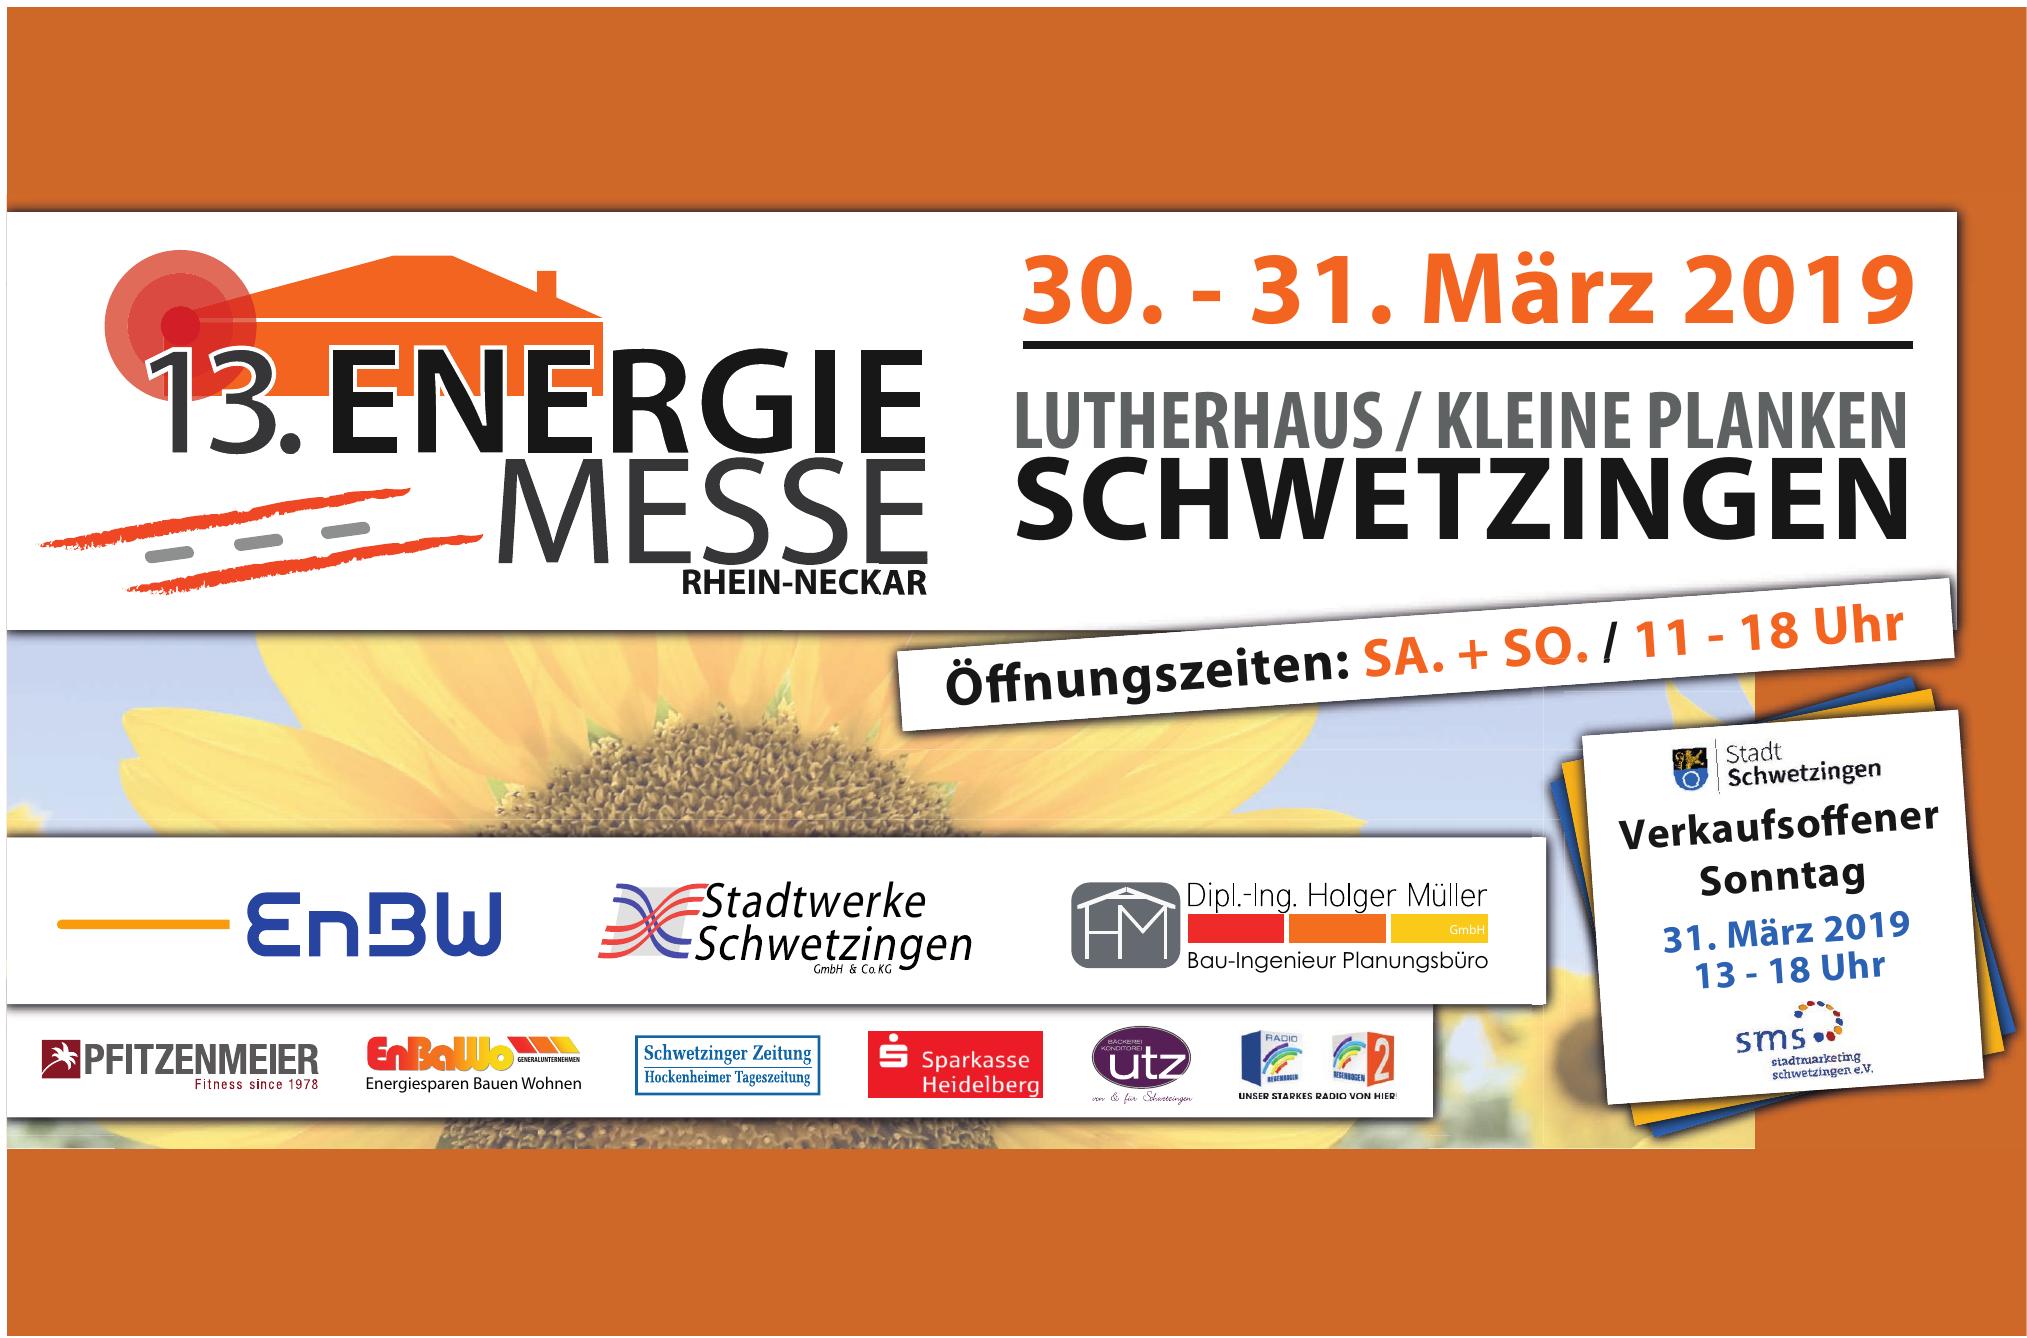 13. Energie Messe